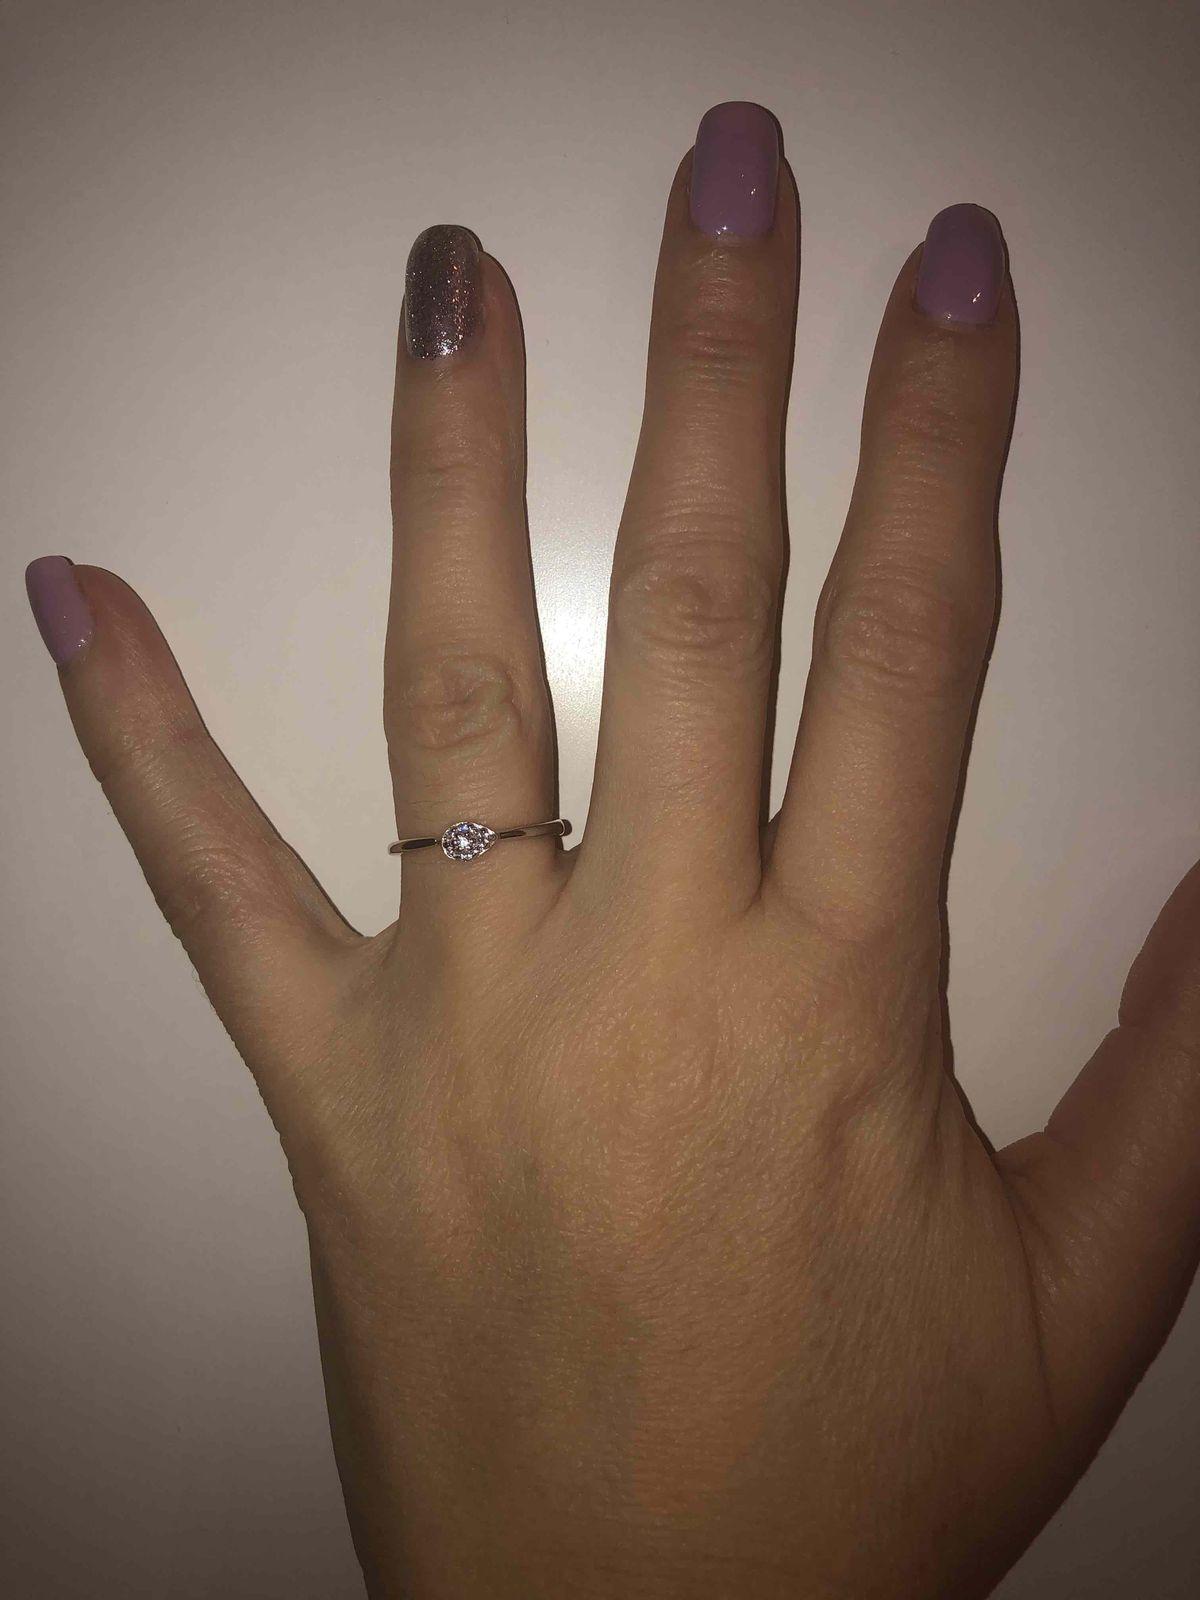 Моё идеальное кольцо и идеальный выбор, самый лучший магазин и обслуживание